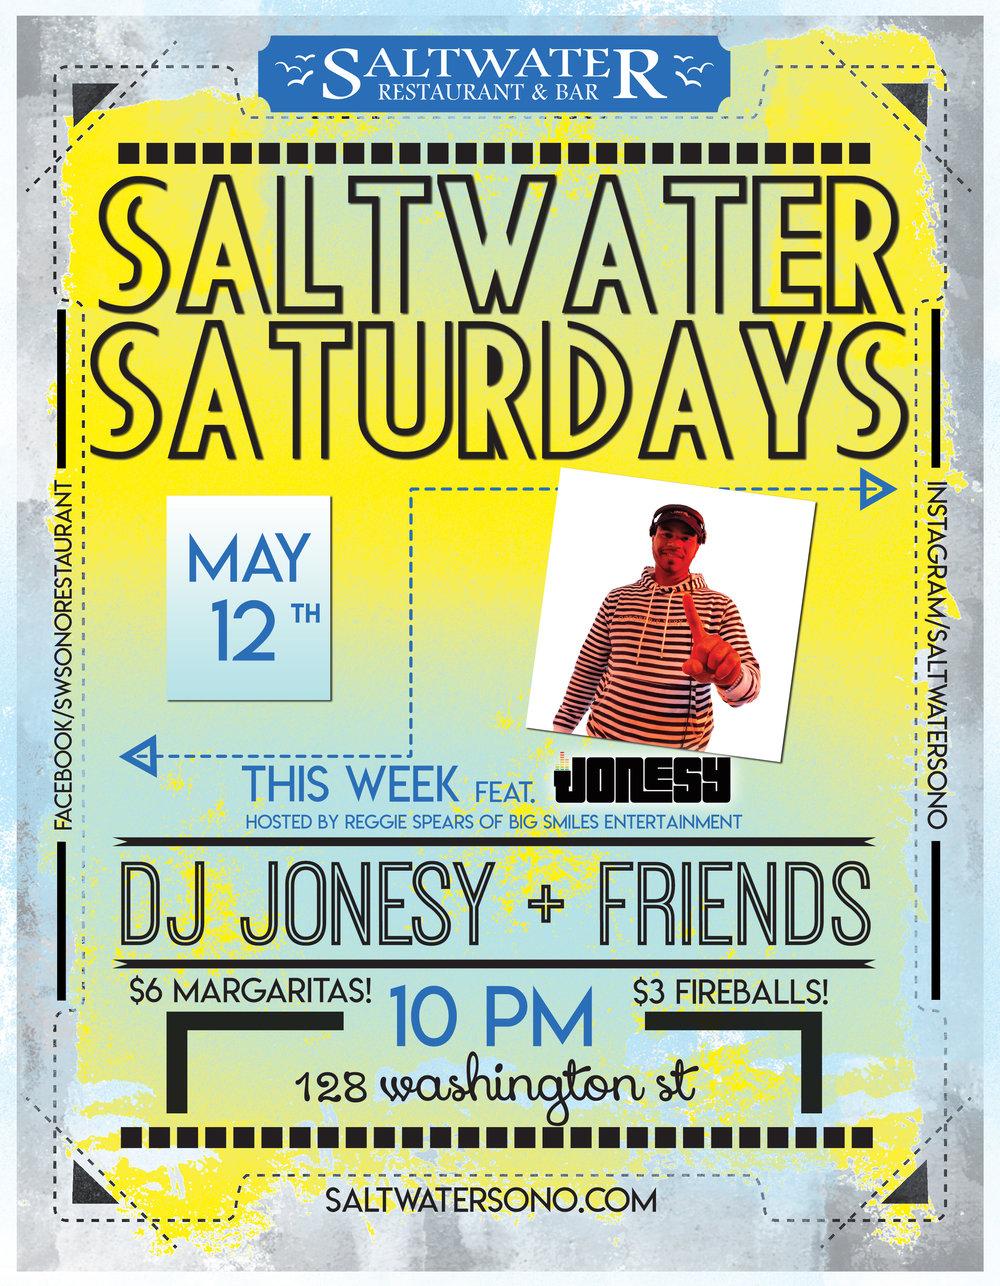 saltwater-saturdays-may12.jpg